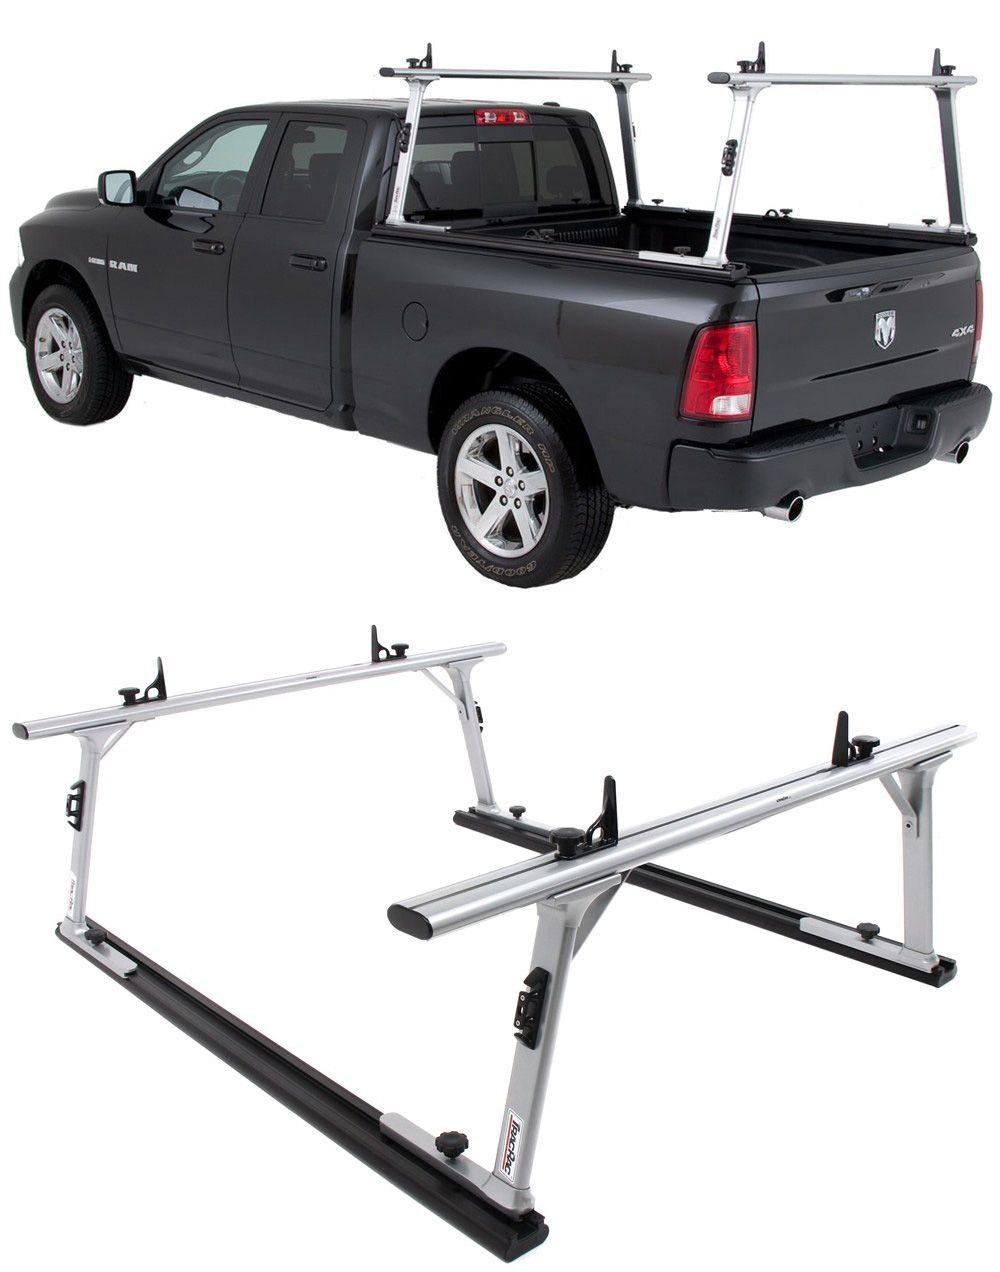 adjustable sliding ladder rack that